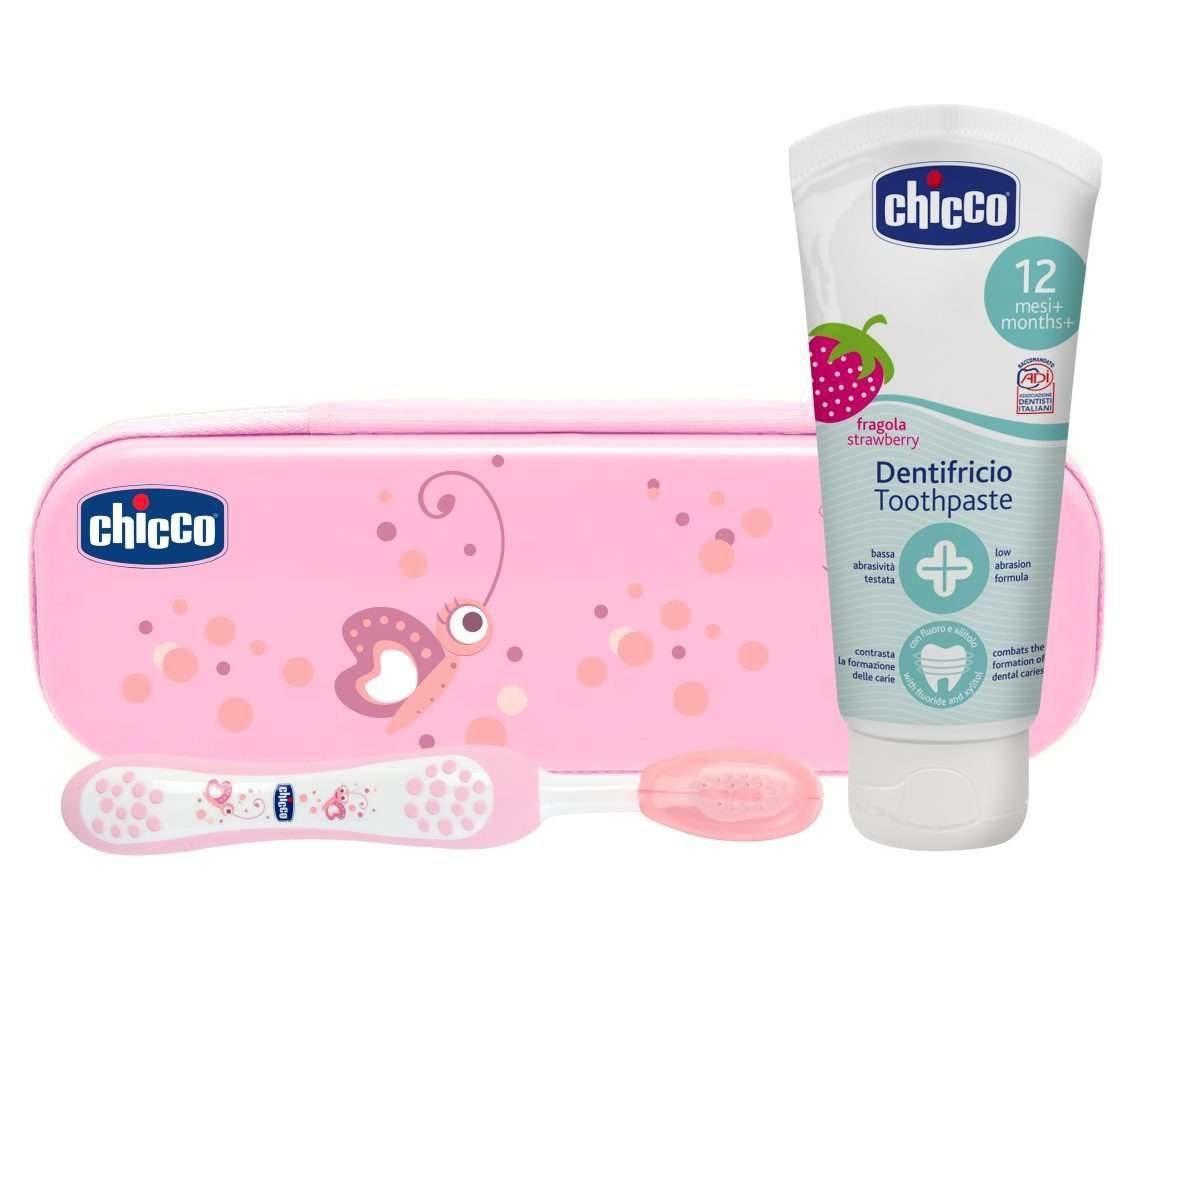 Дорожній набір Chicco: зубна щітка, зубна паста